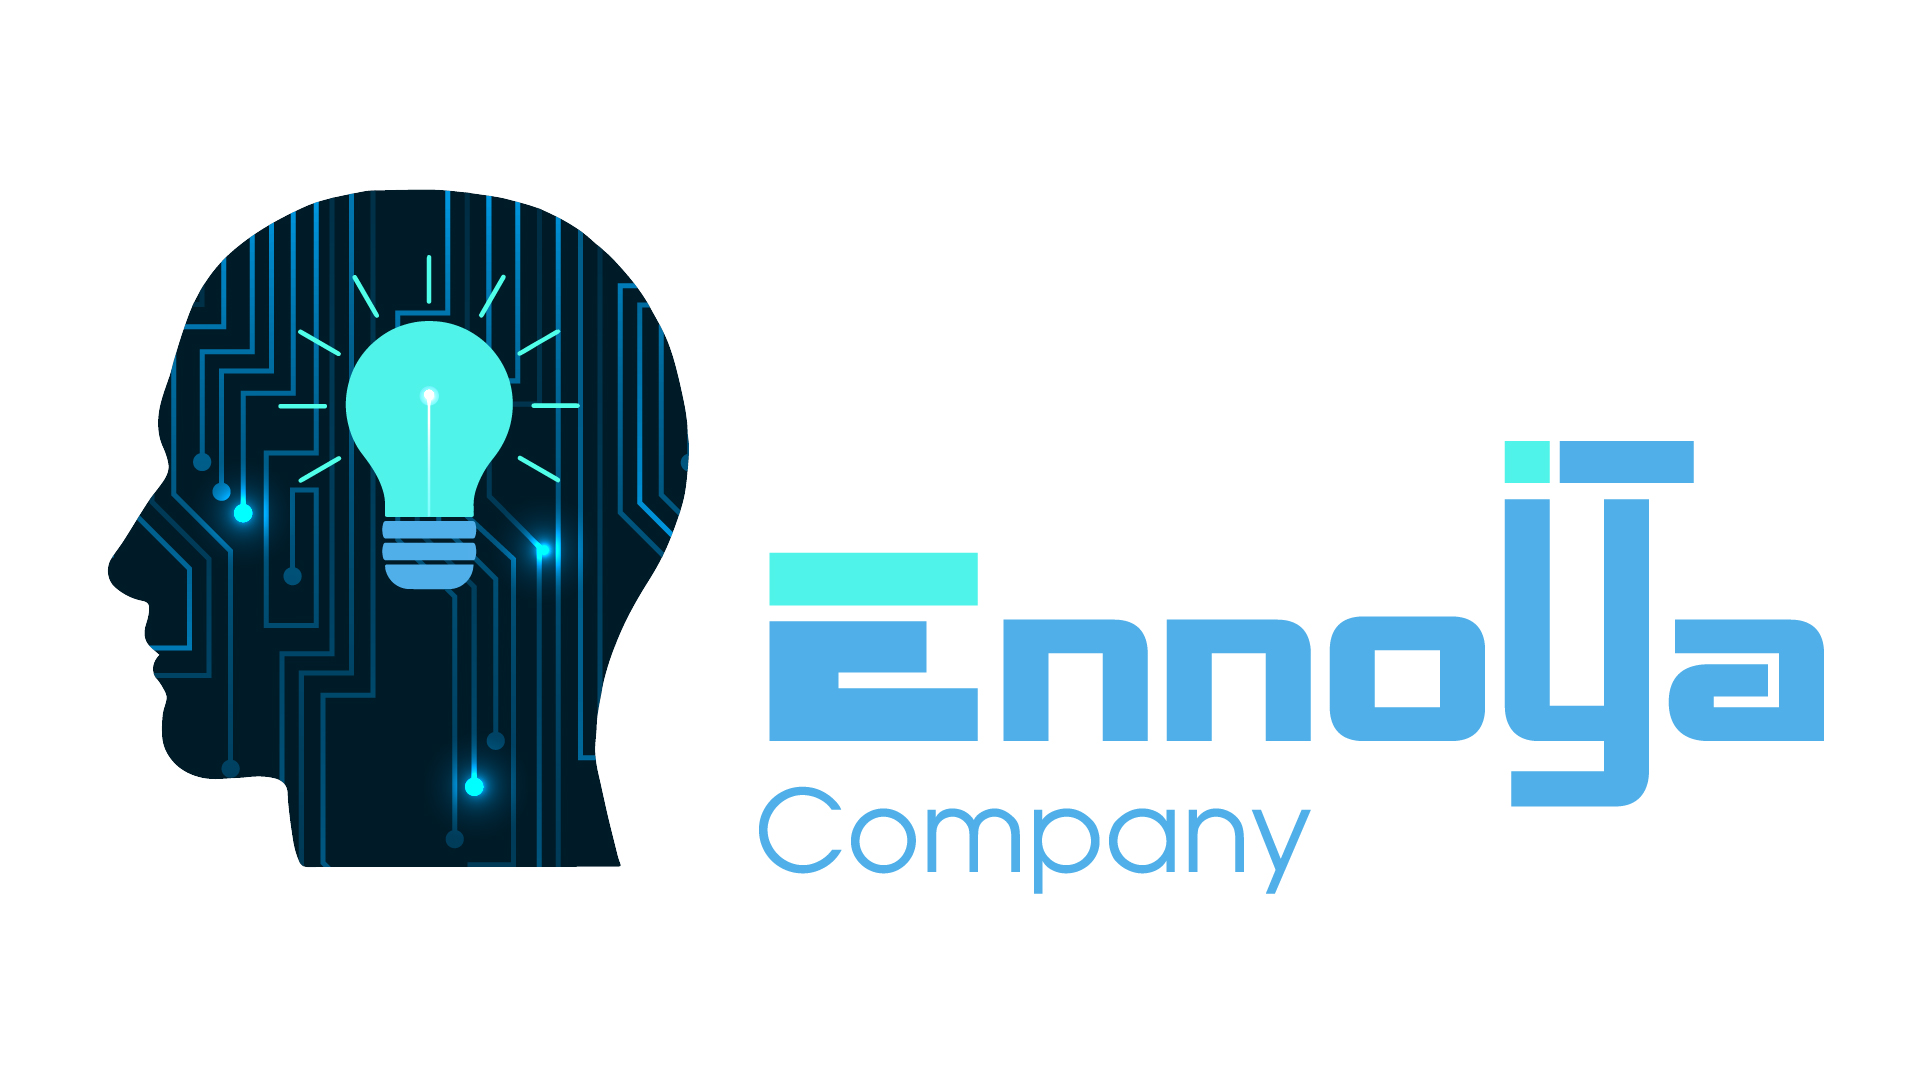 Логотип + фирменный стиль для продуктовой IT компании фото f_0175adaced4aaa91.jpg